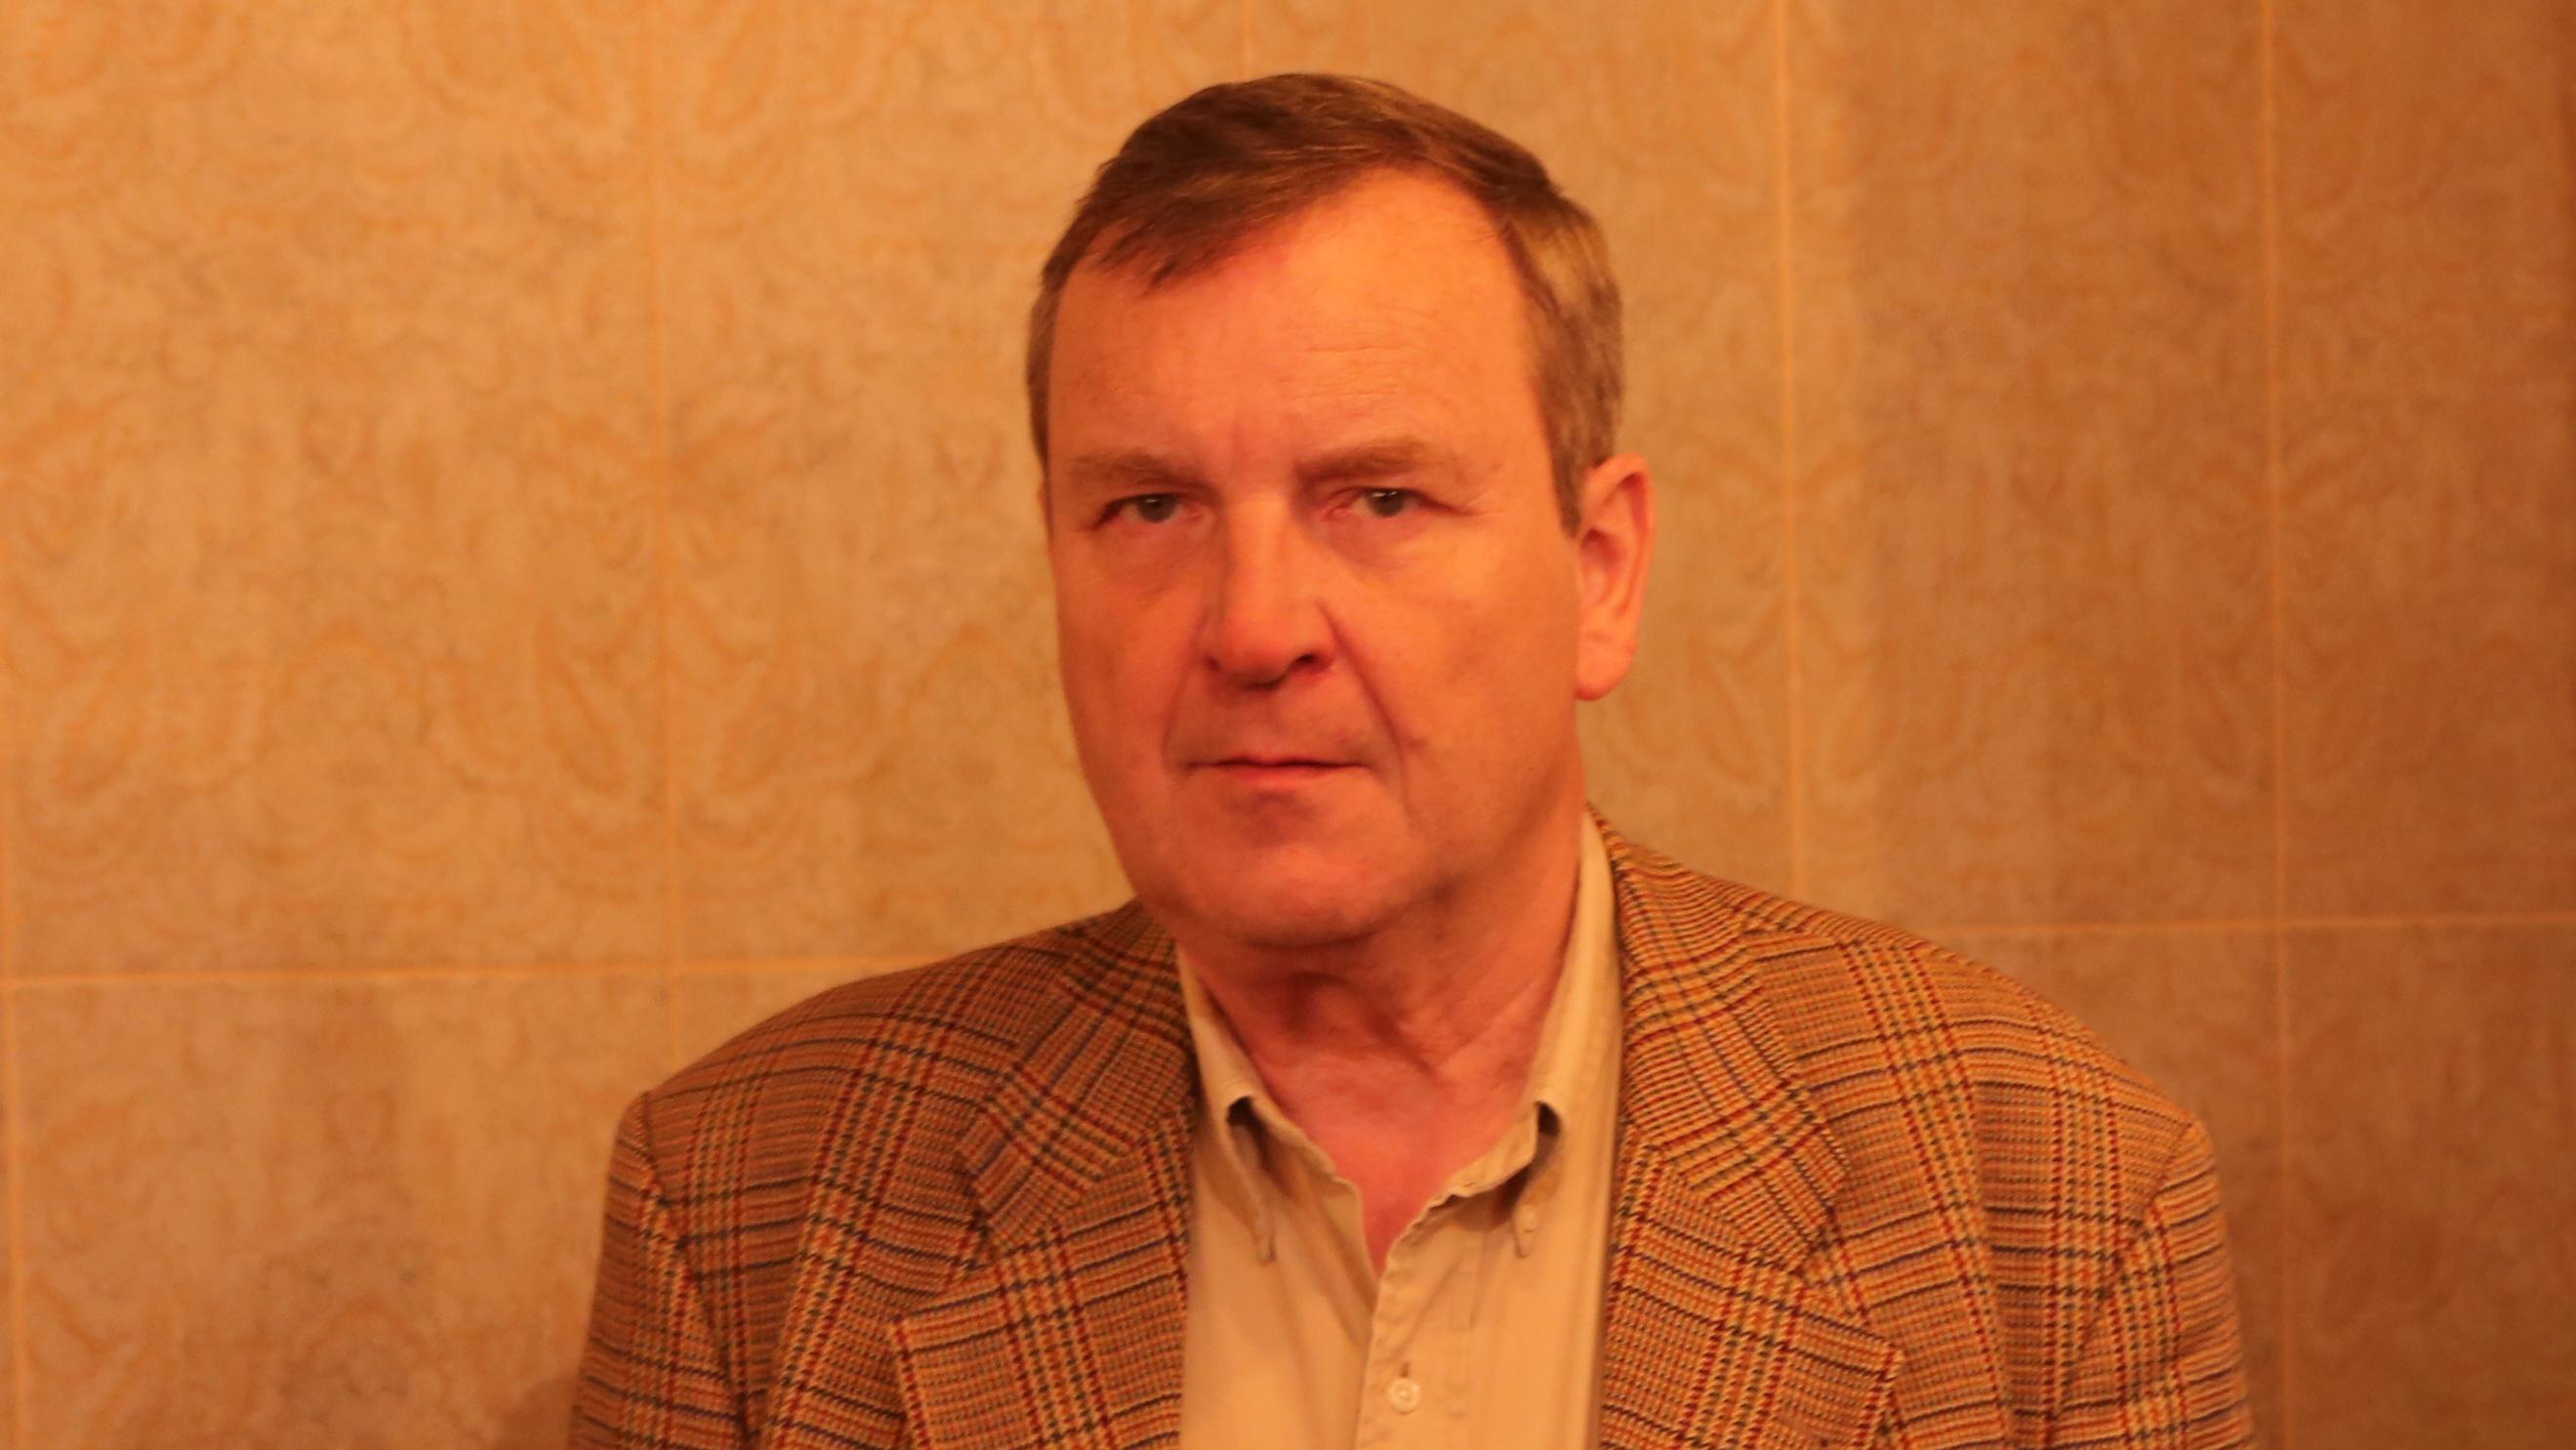 «В України є фантастична культура, мова, історія, тому майбутнє треба будувати на цих елементах», – доктор Вольфґанґ Йон